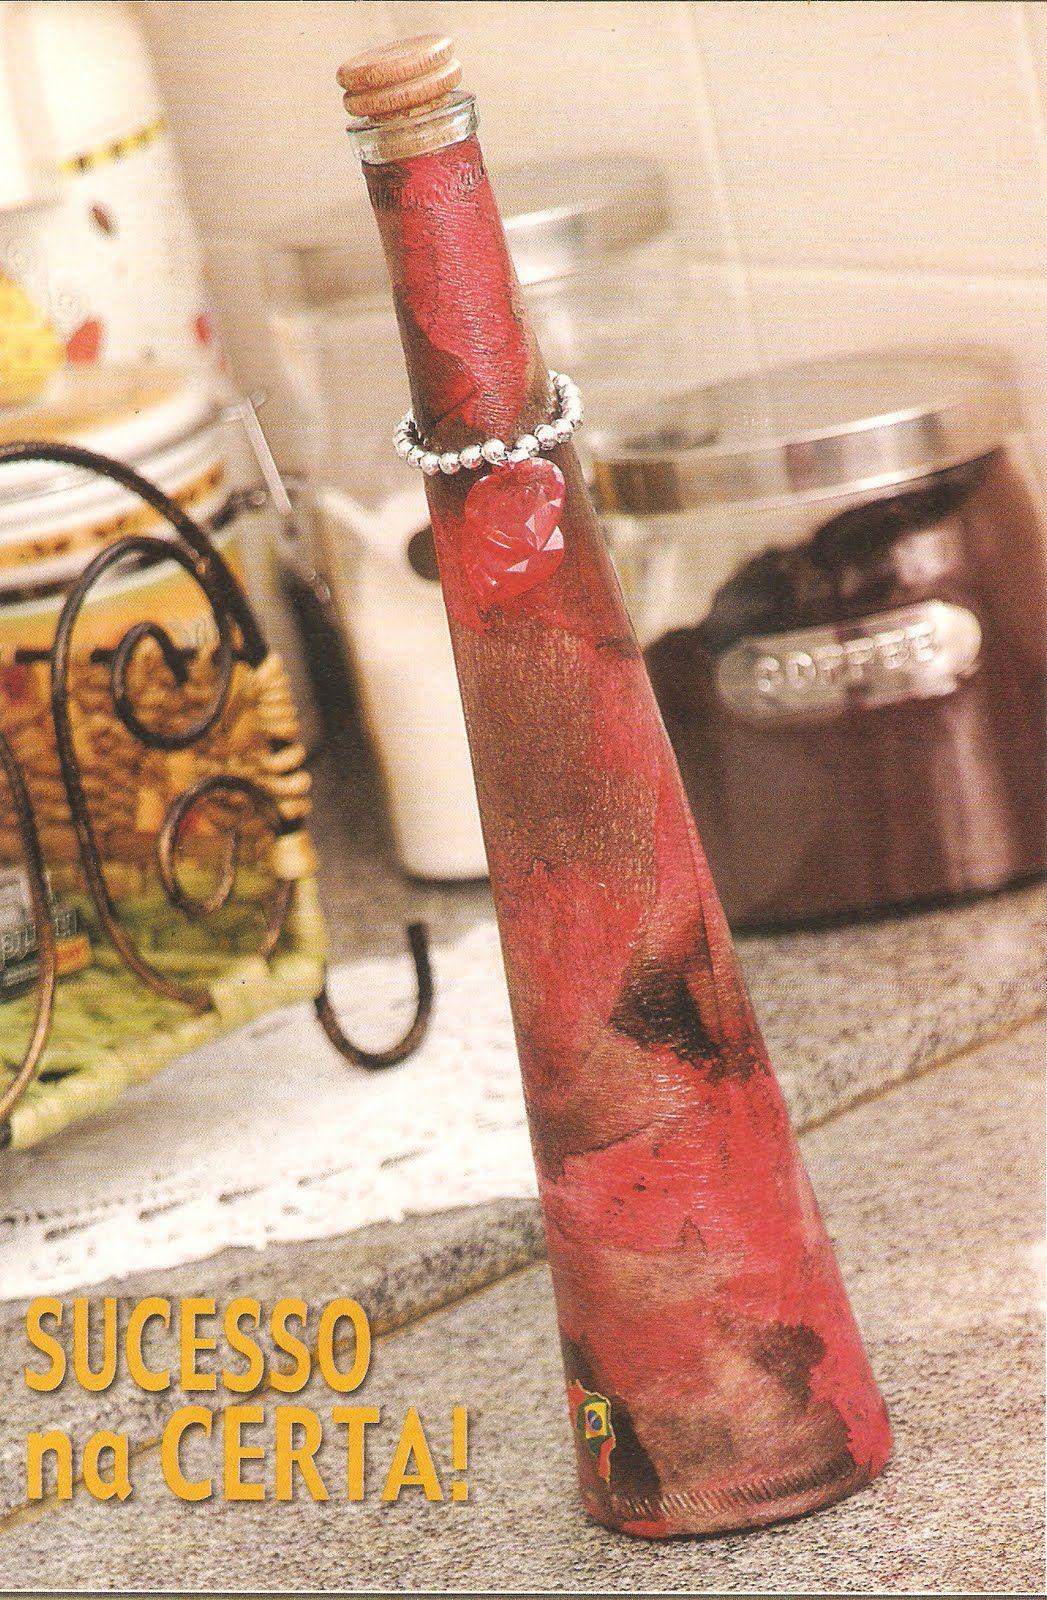 Artes C Filtros De Cafe Usados Rosely Ferraiol Garrafas Decorativas Arte Em Garrafa Garrafas Decoradas